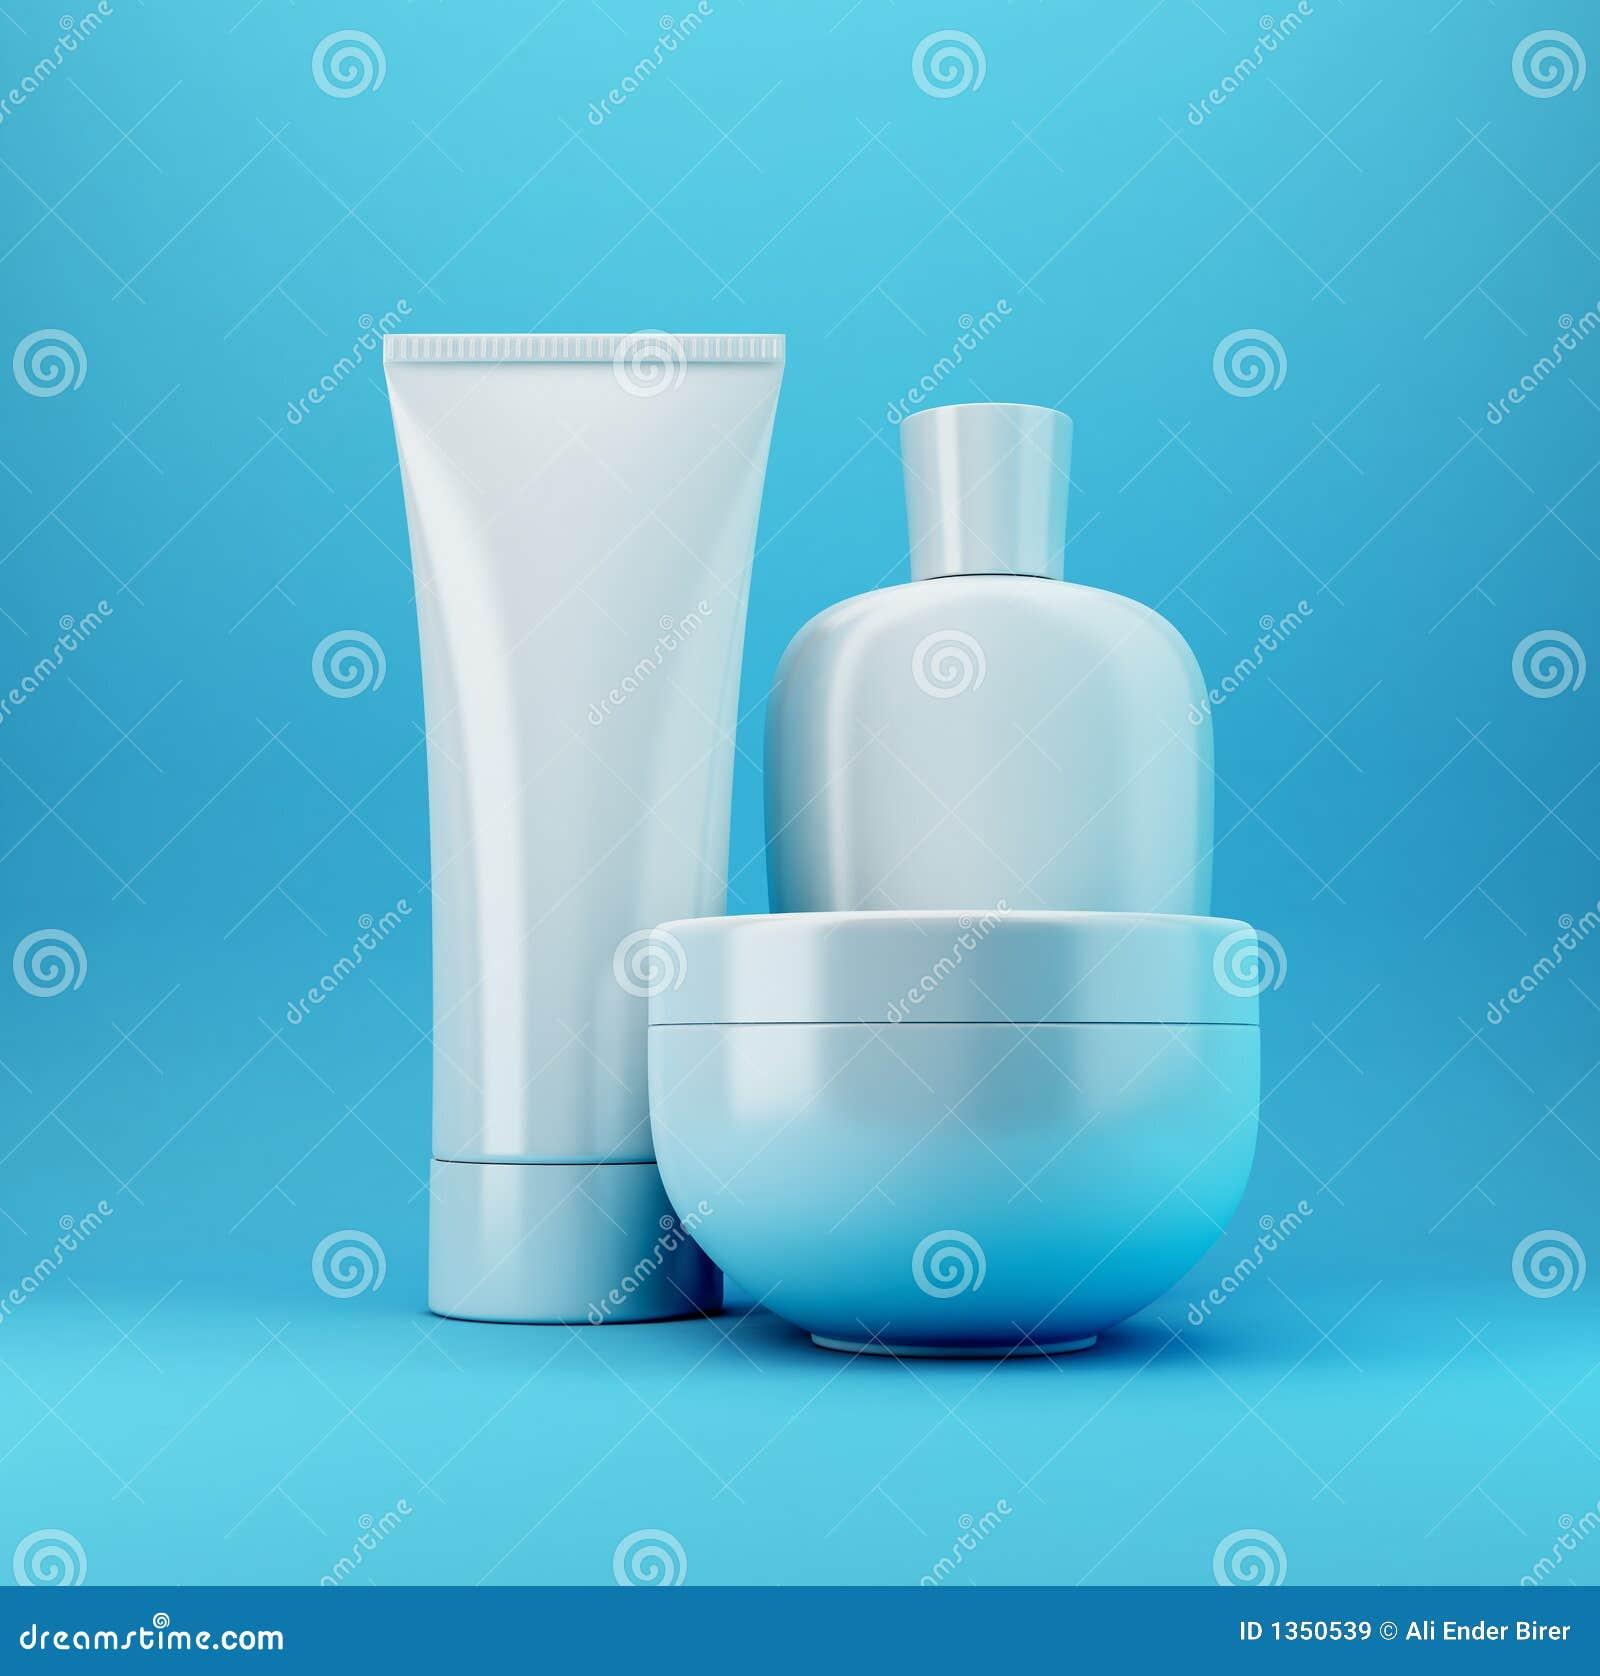 Productos cosméticos 3 - azul